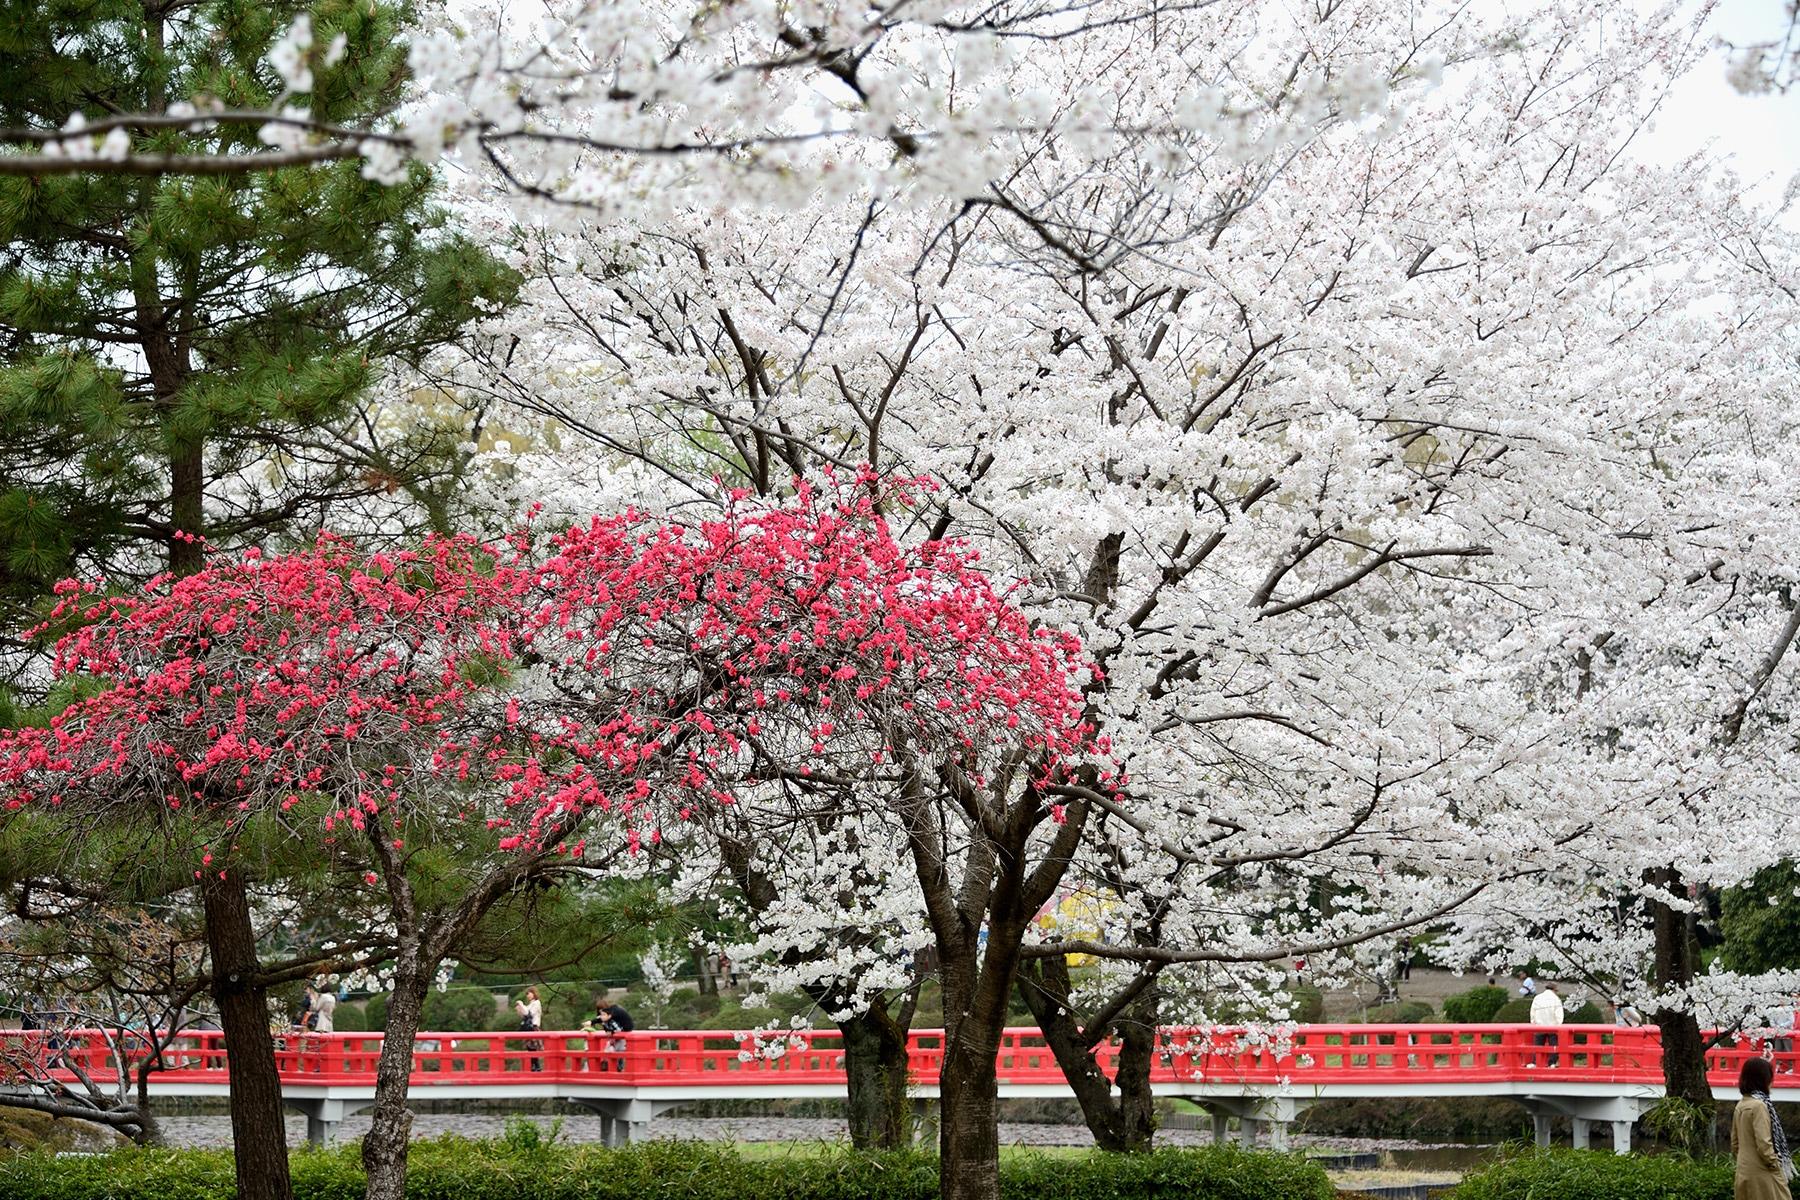 岩槻城跡公園桜まつり  岩槻城跡公園